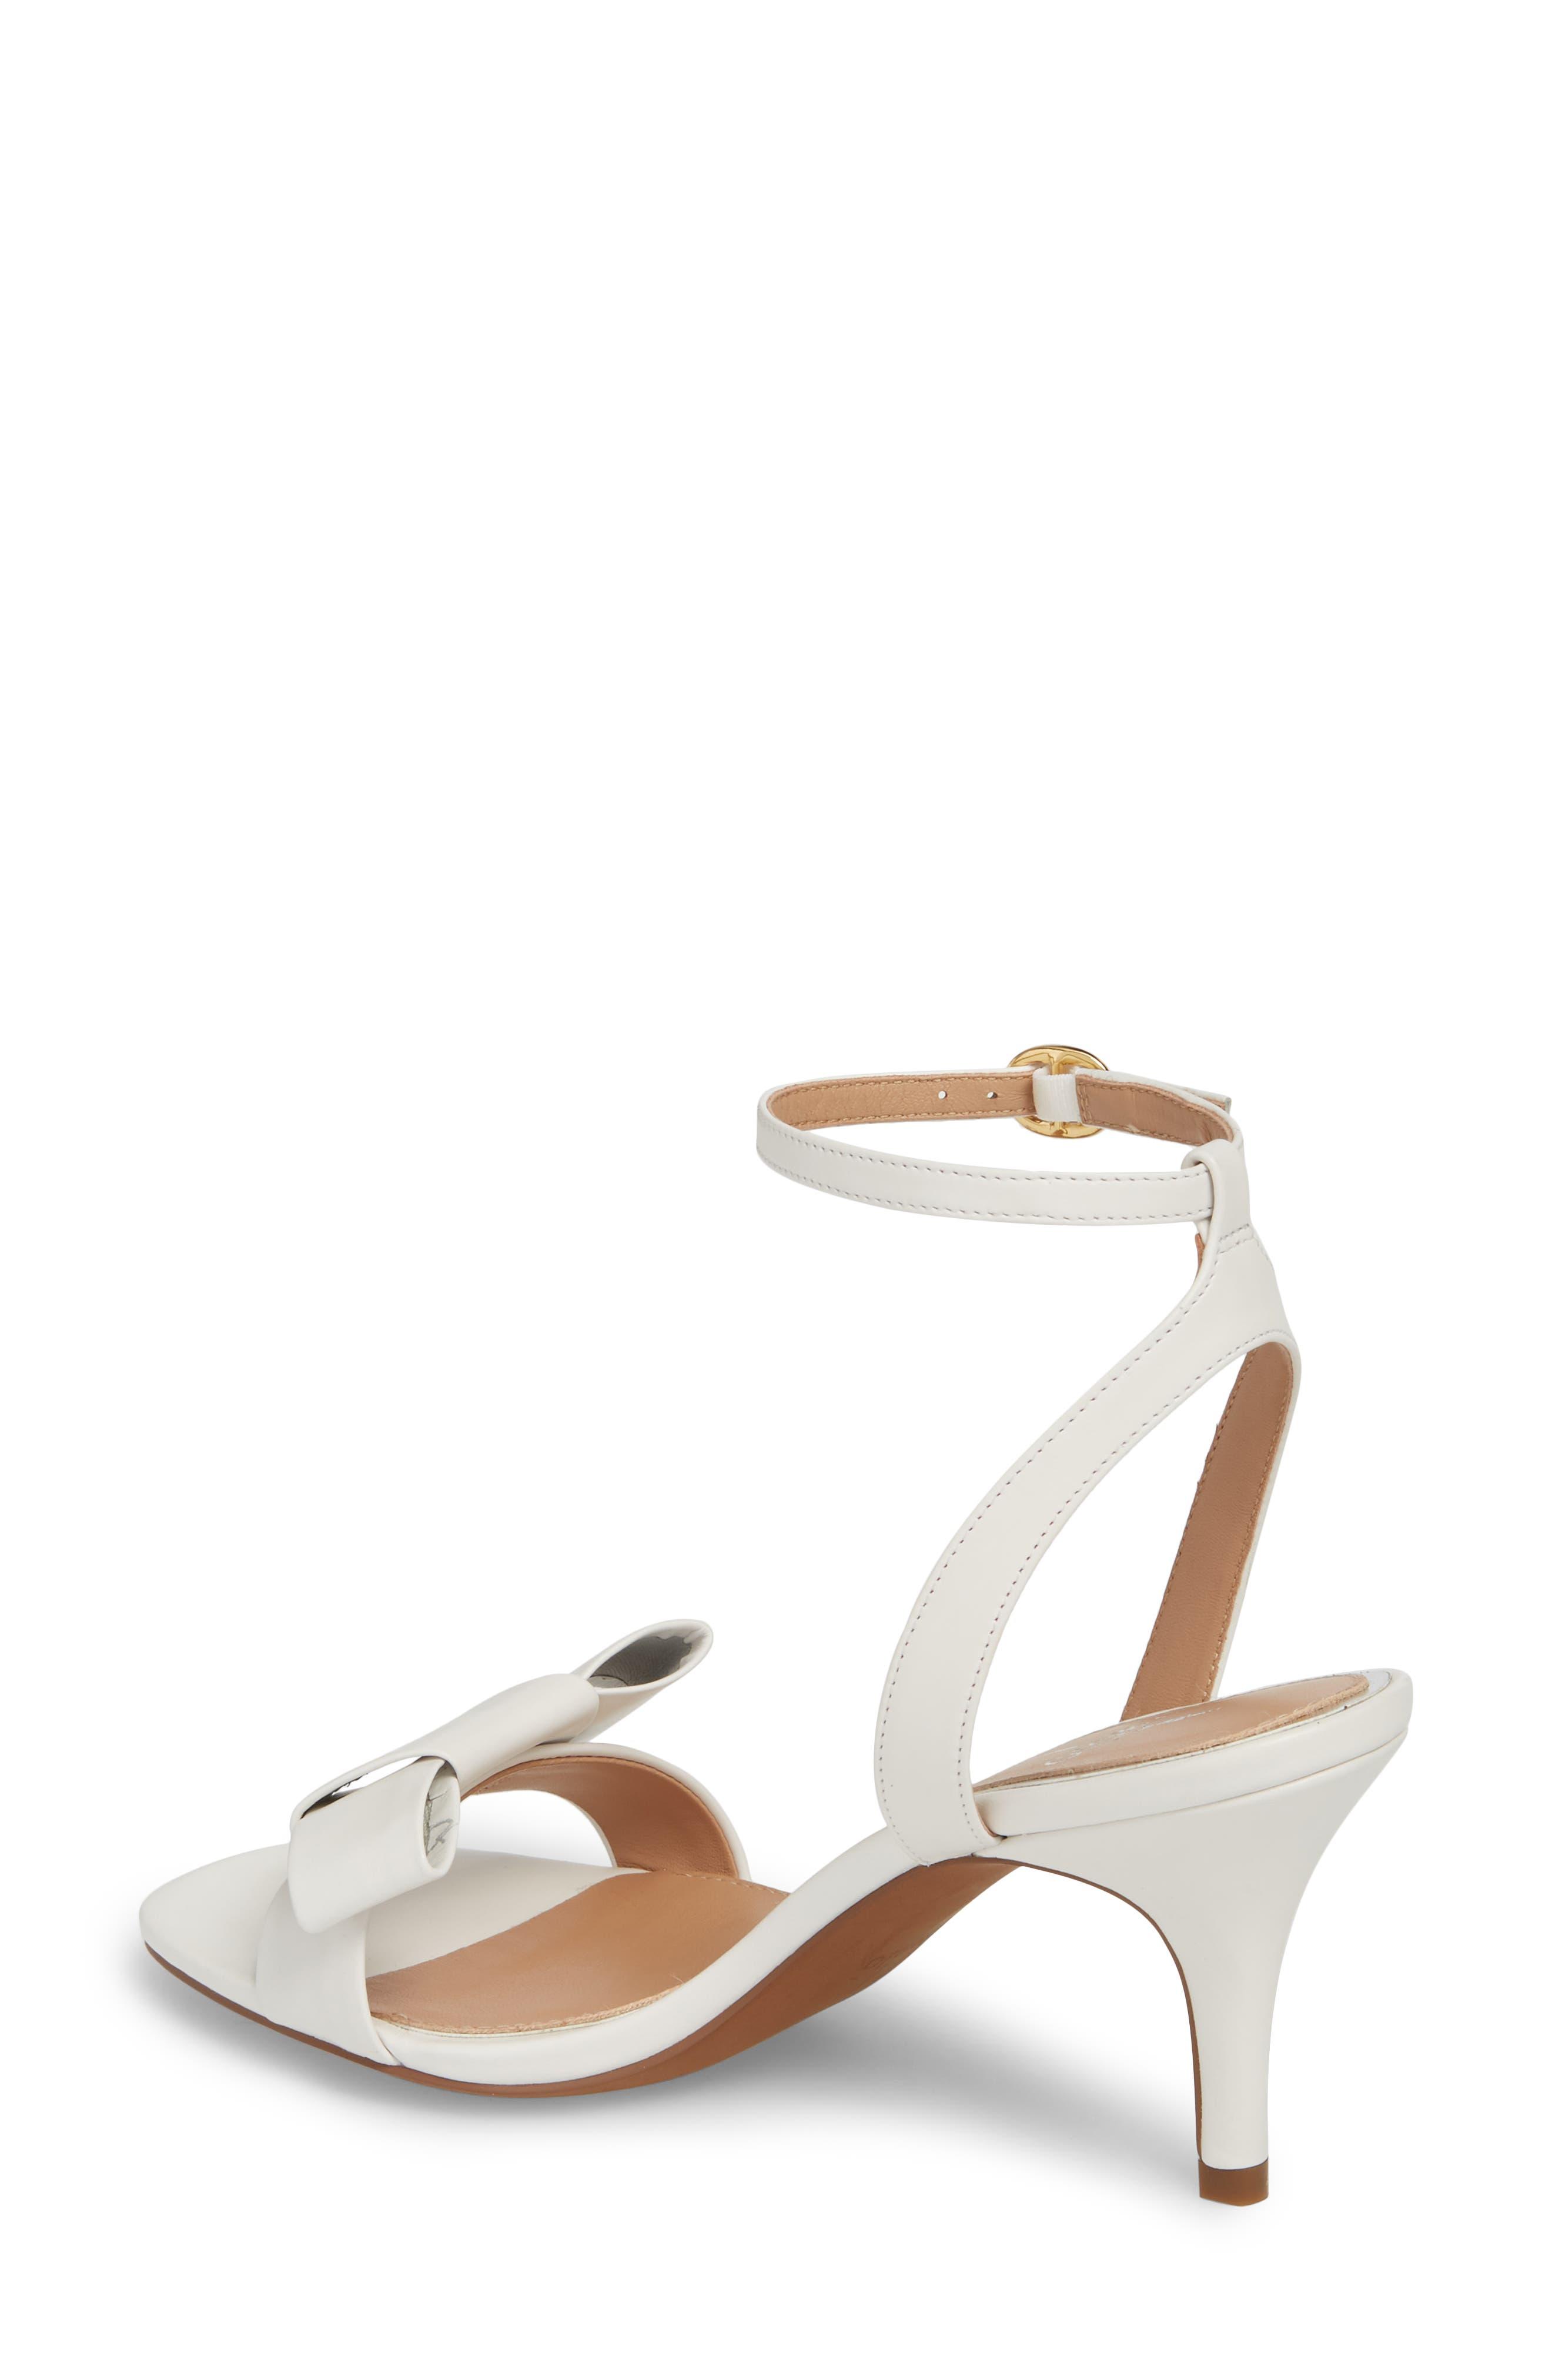 f5d393d8bb30de Women's Shoes Sale | Nordstrom